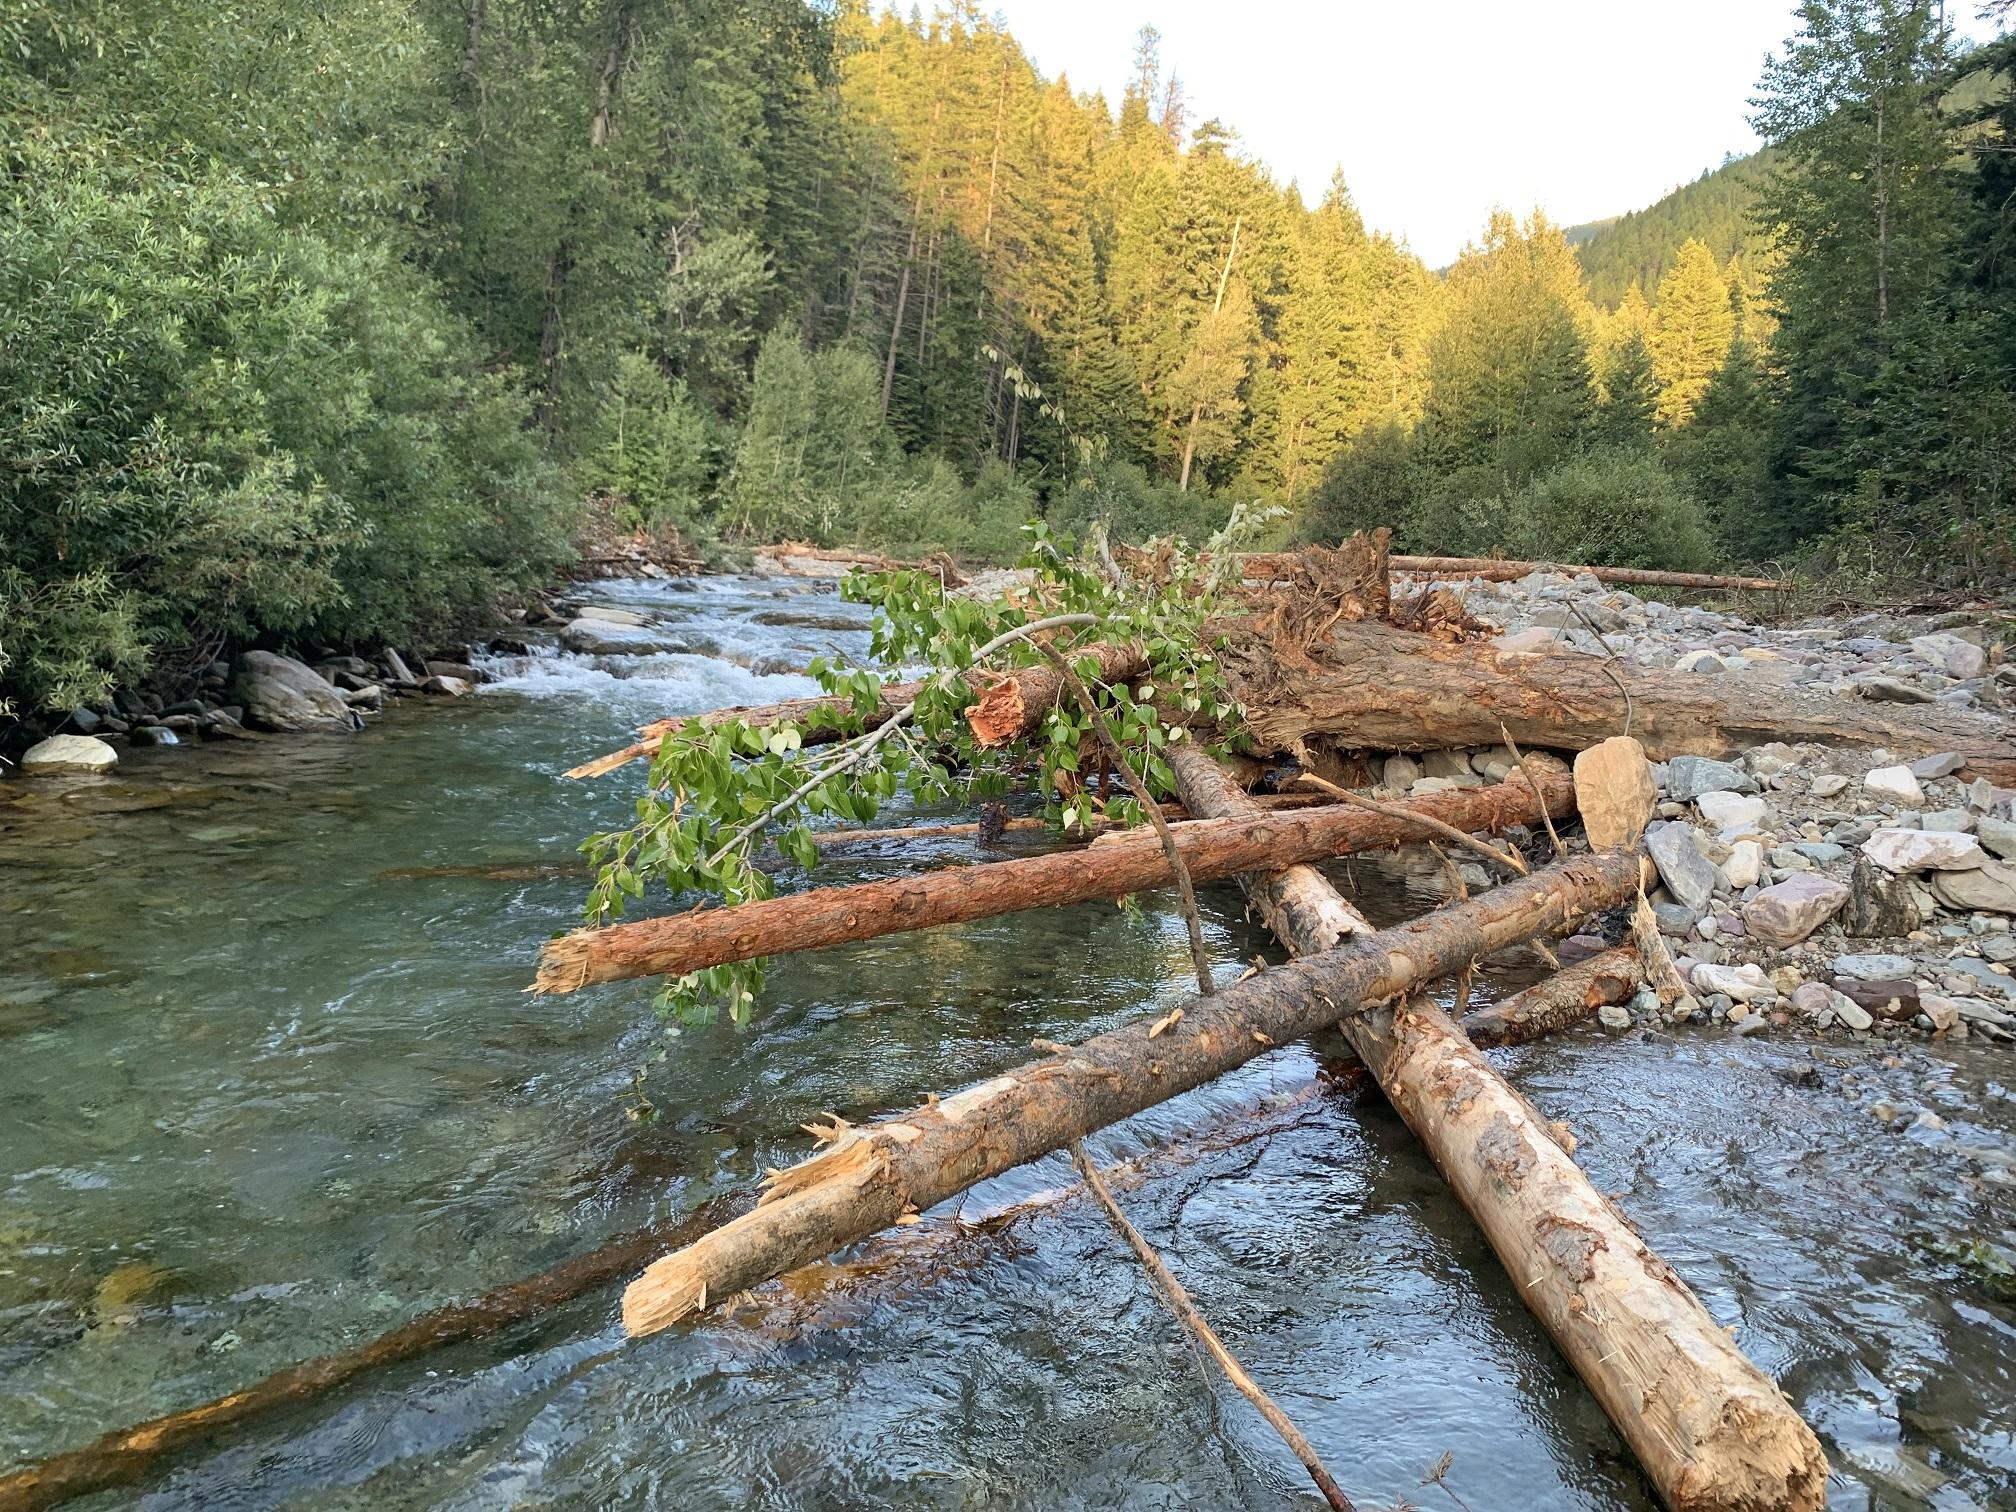 Floodplain Restoration Well Underway in Vermilion River